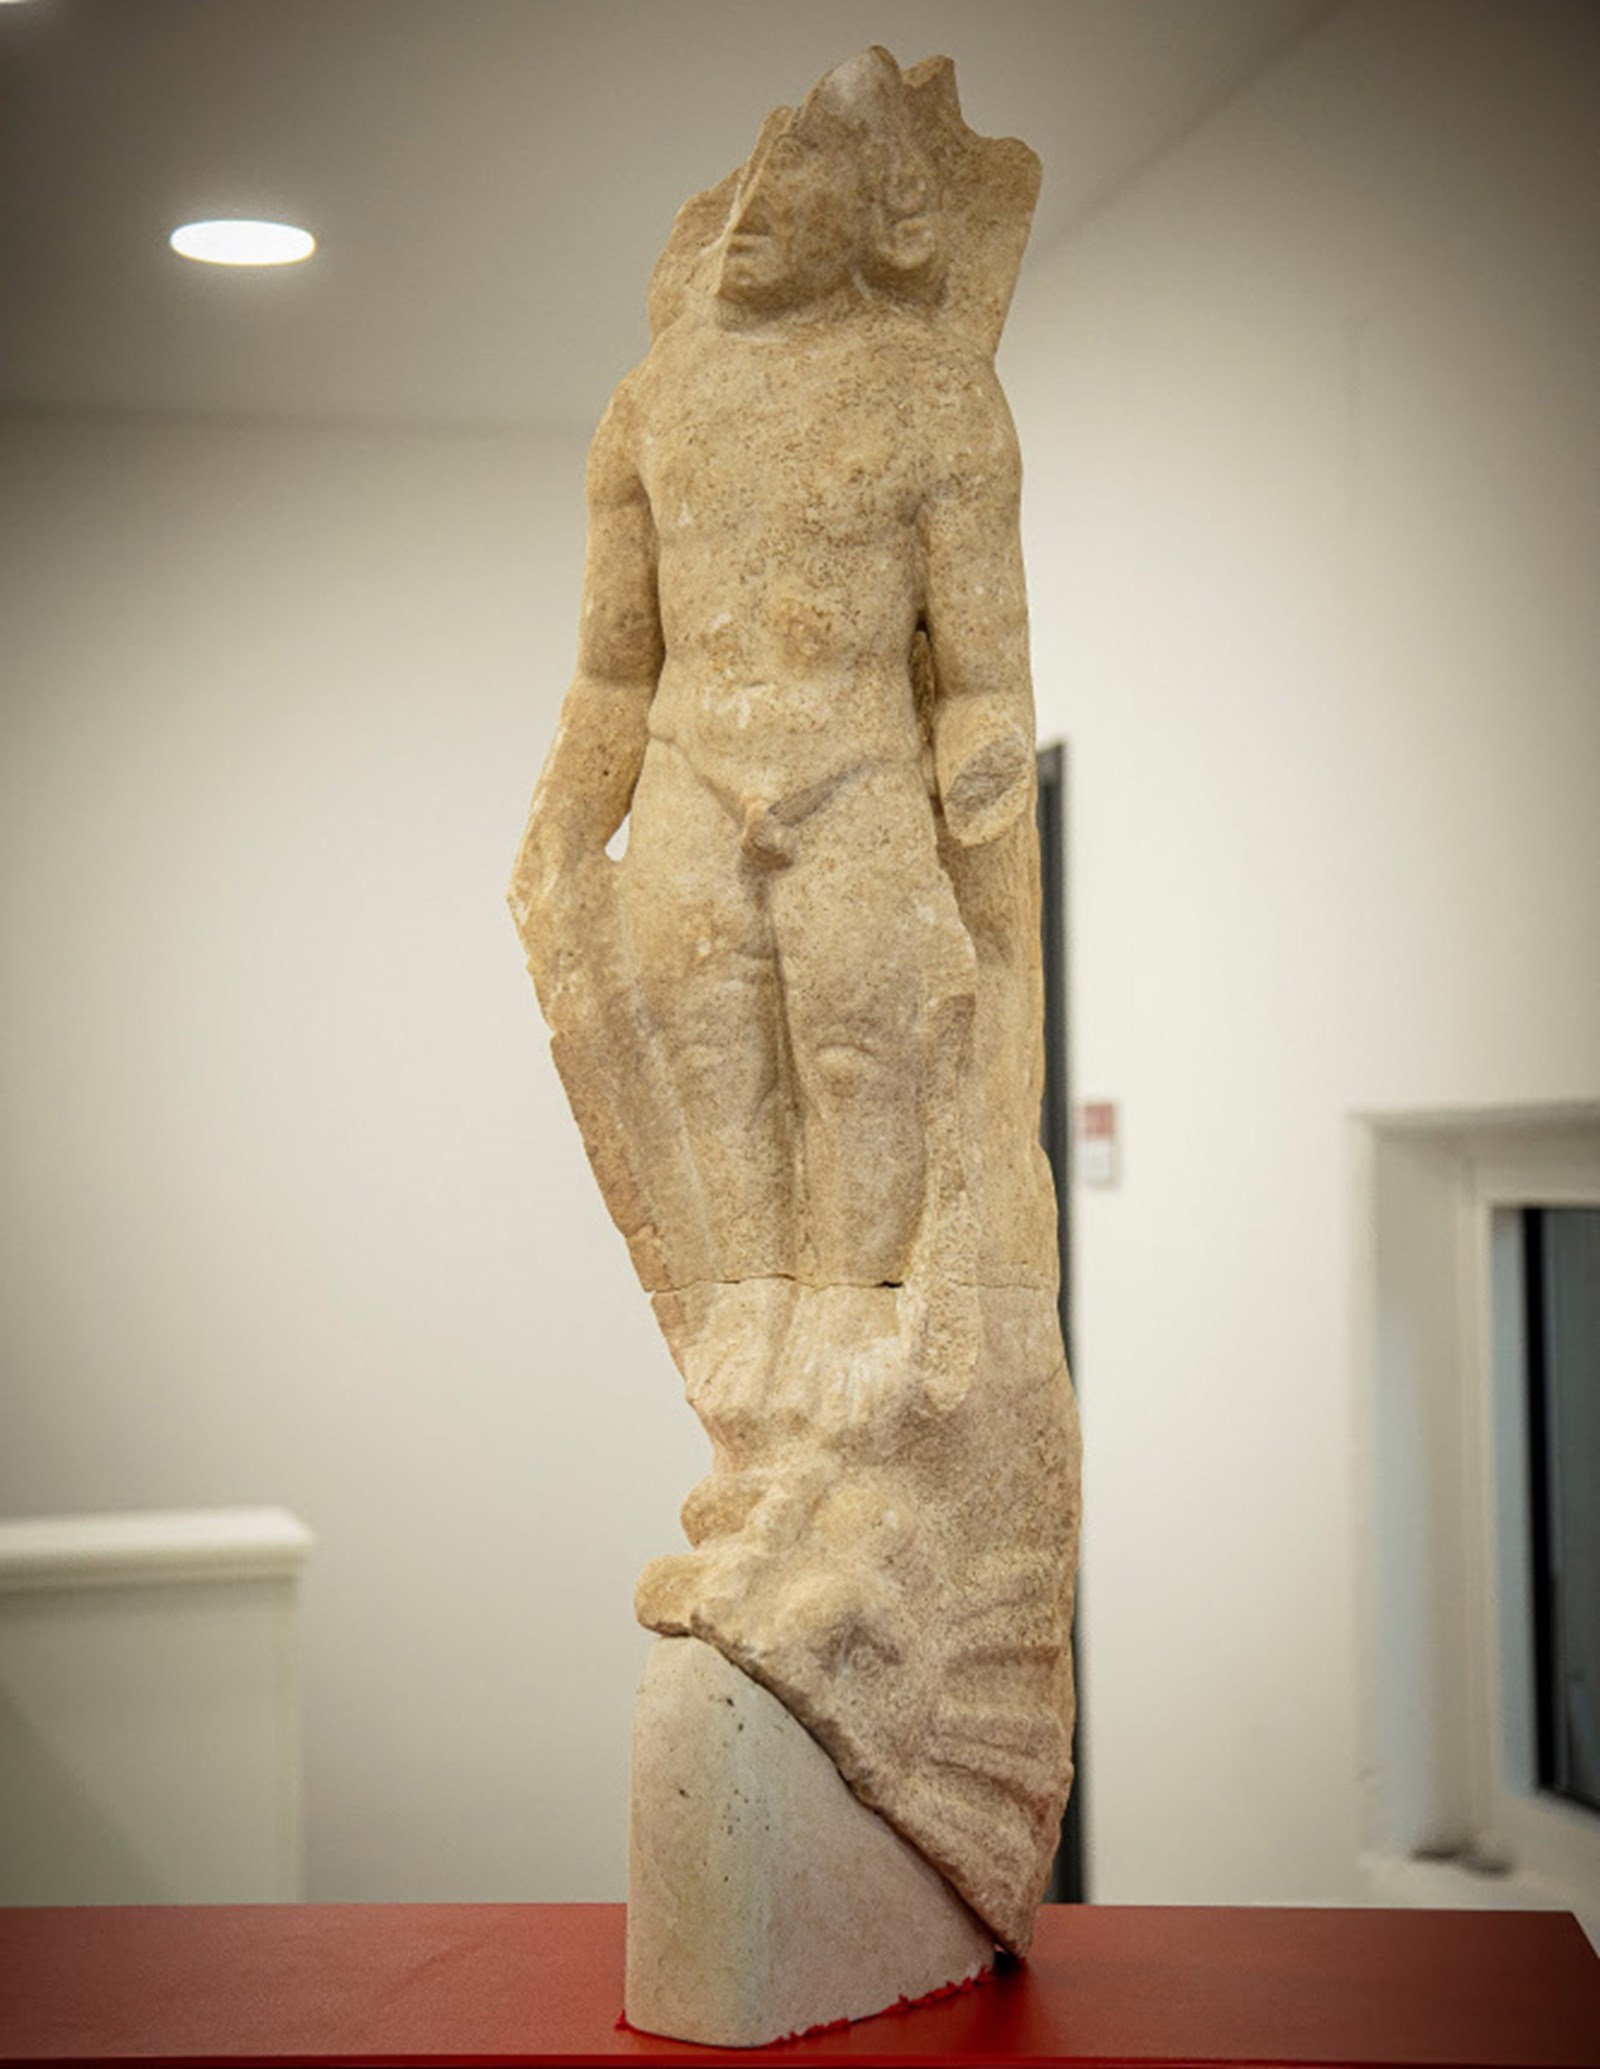 Römerzeitliche Skulpturen in der Steiermark ausgegraben – derStandard.at